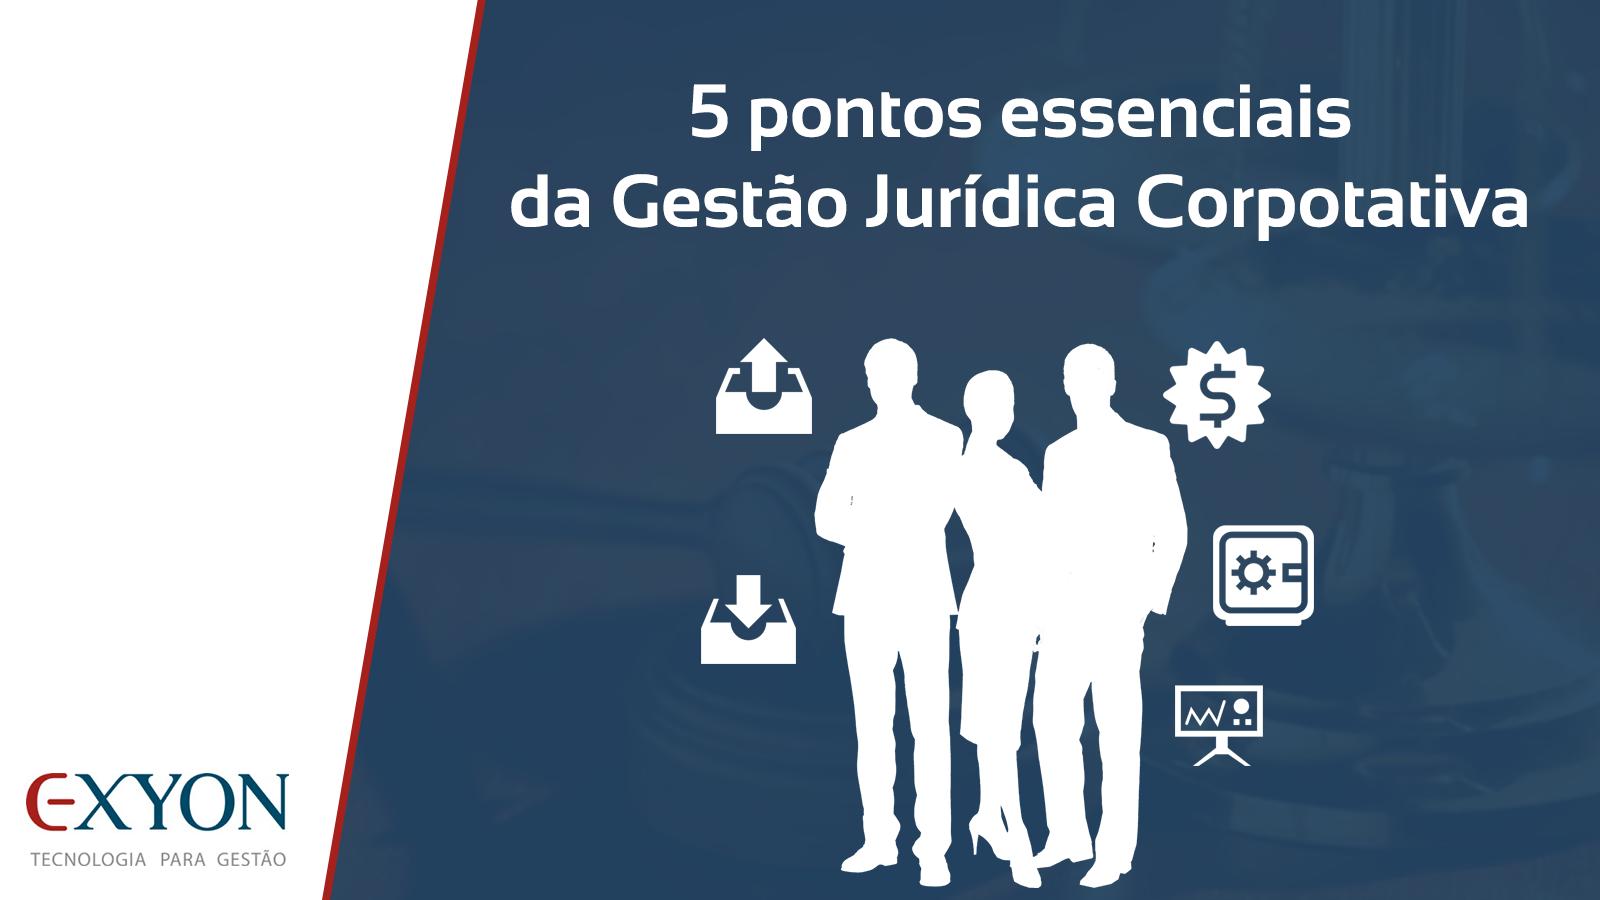 5 pontos essenciais da Gestão Jurídica Corporativa